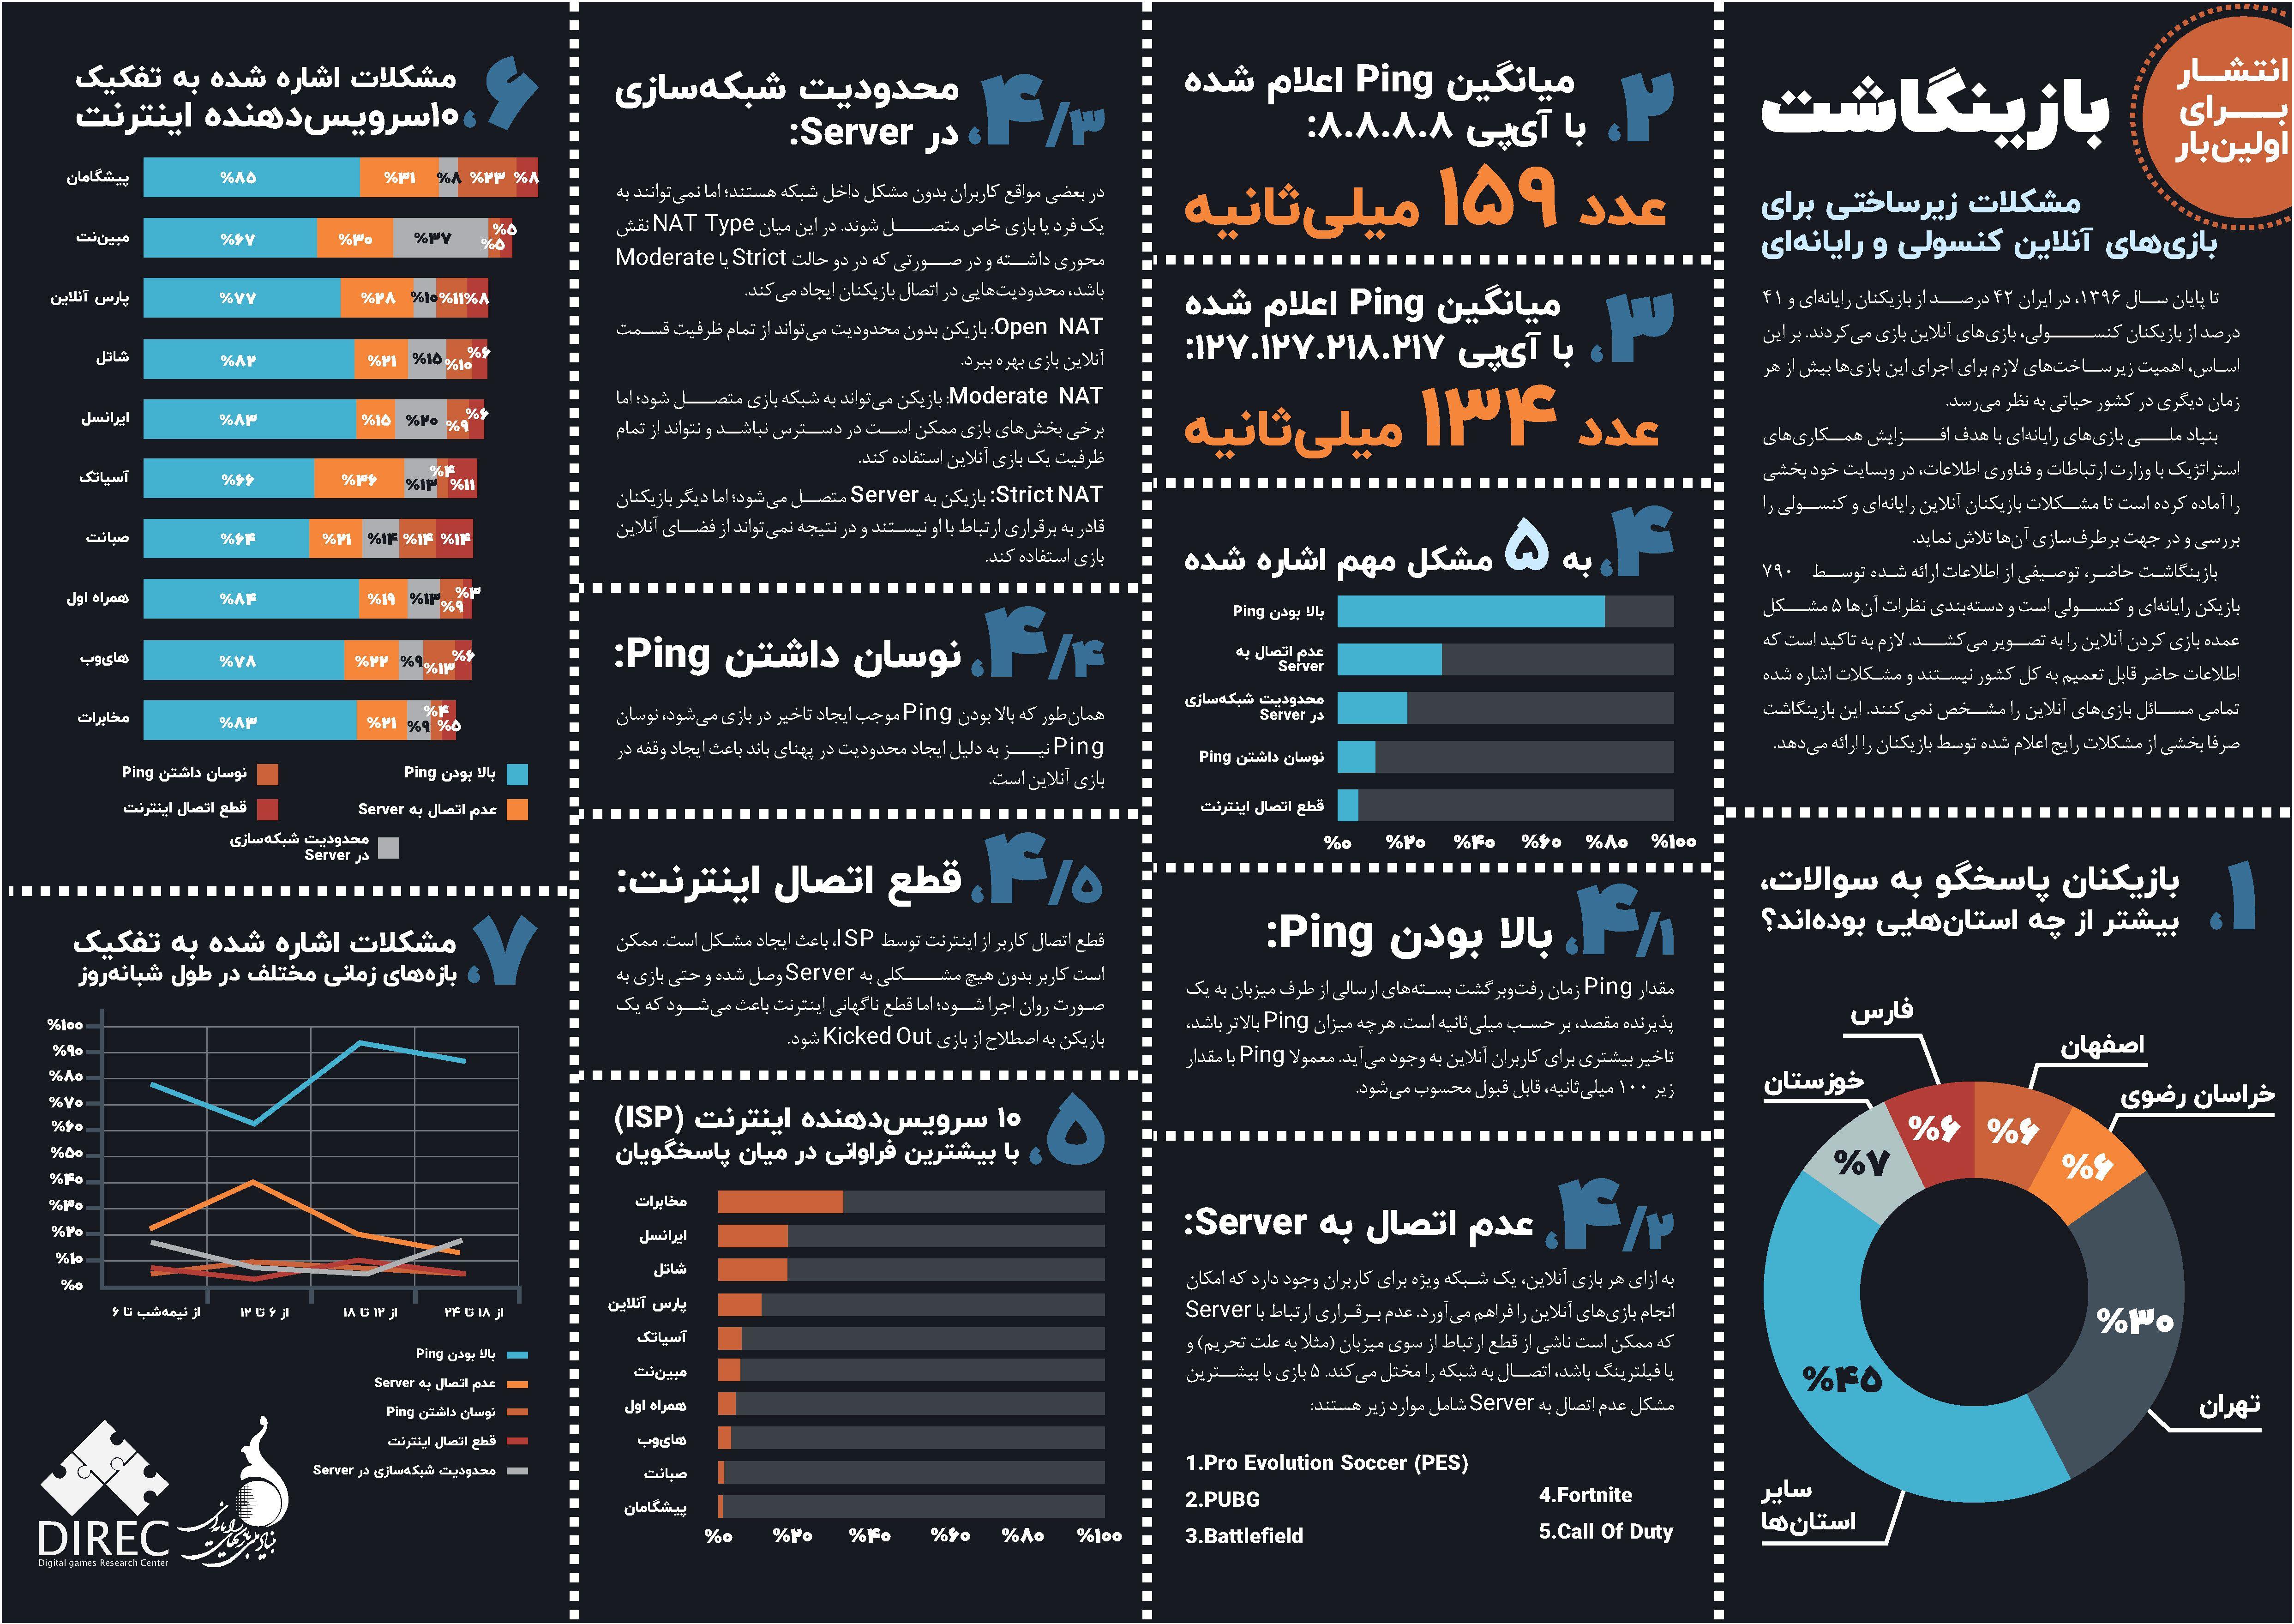 مشکلات اینترنت کشور برای بازیکنان بازی های آنلاین